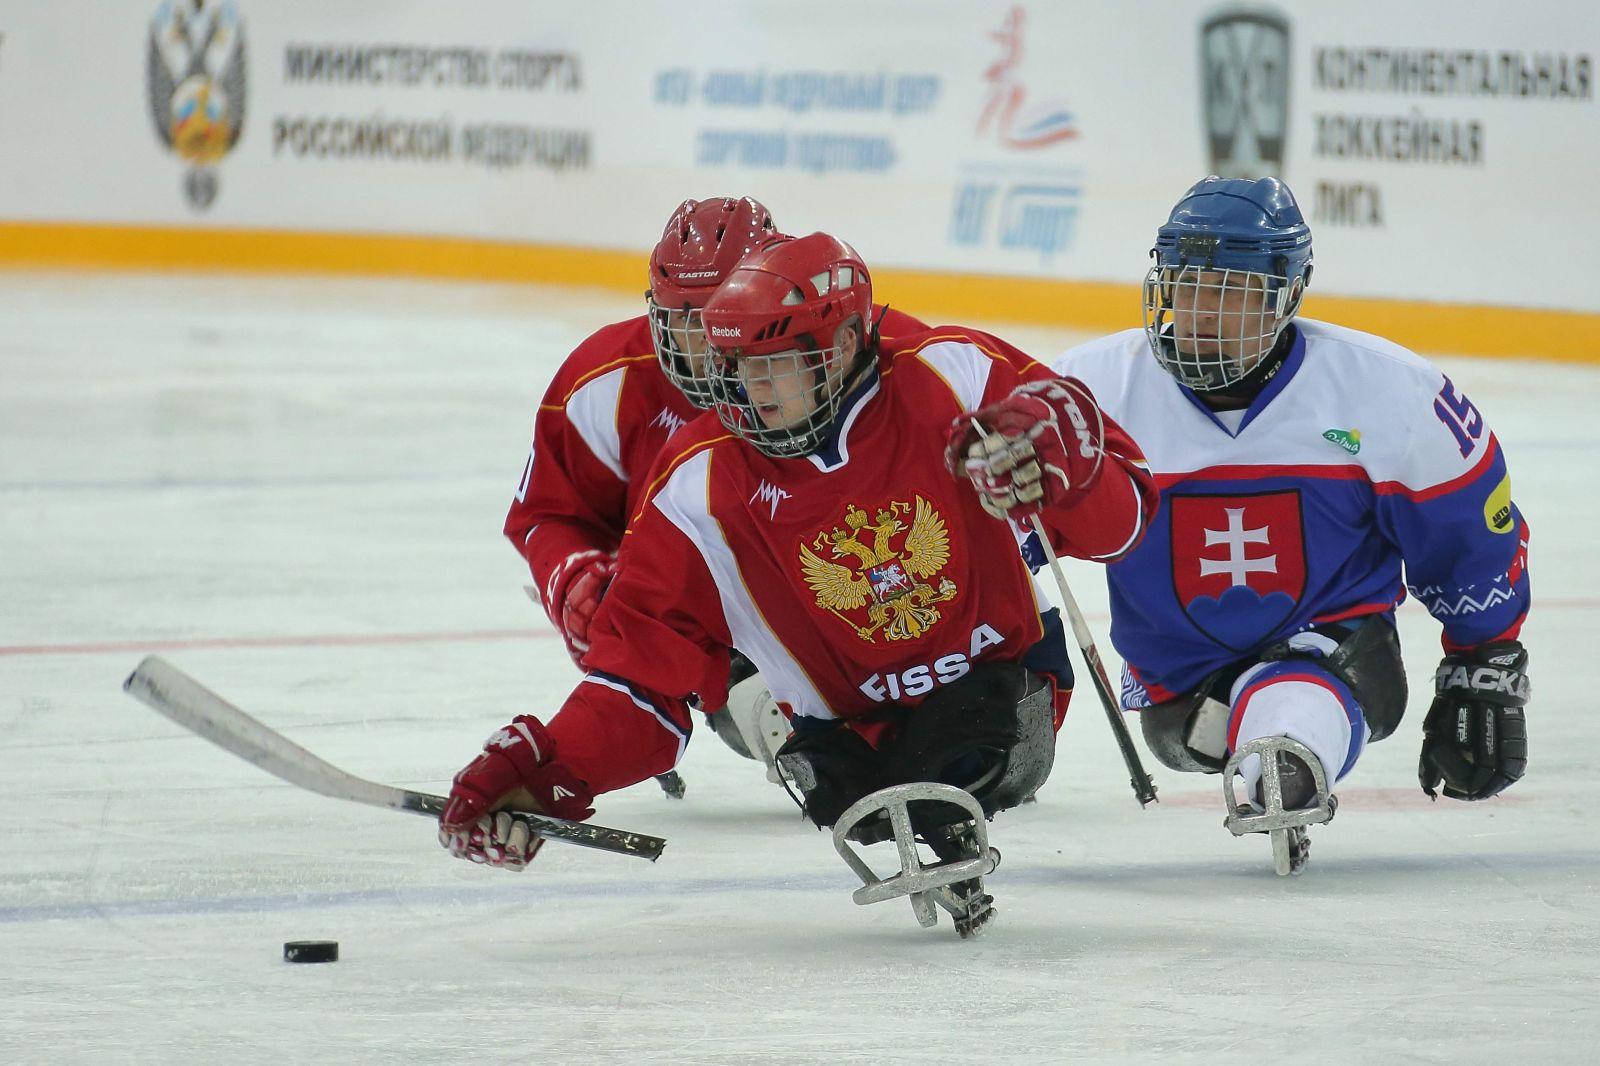 Сборная команда России по хоккею-следж будет отстаивать титул чемпиона Европы в 2020 году в Швеции